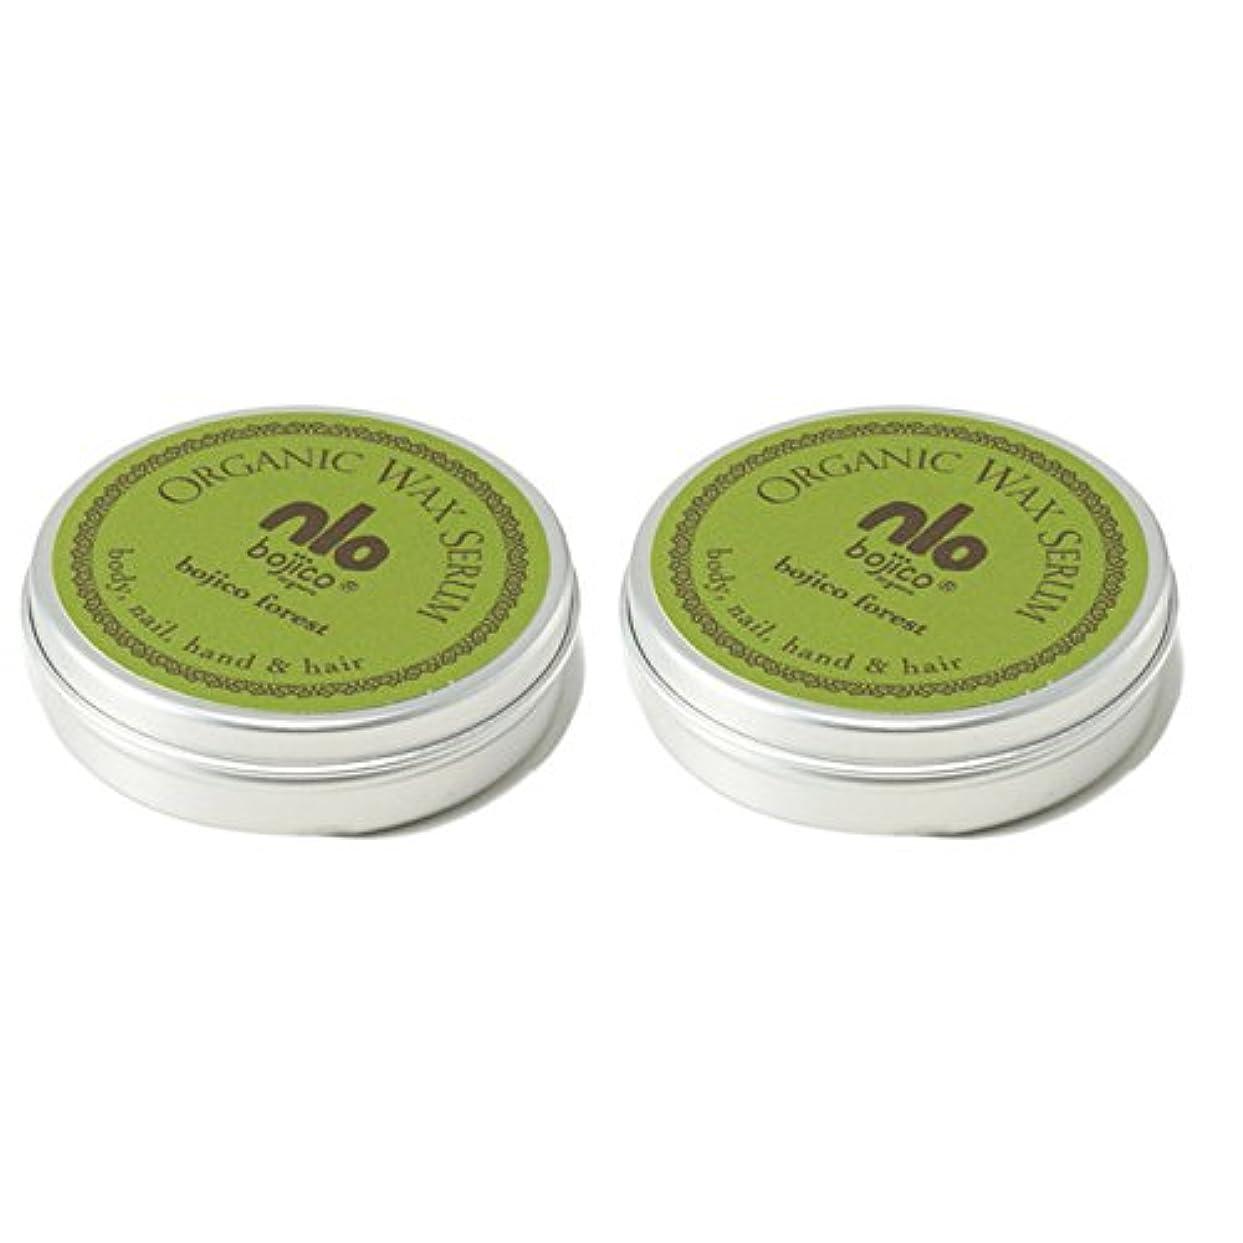 引き潮解き明かす誇りに思う【40g×2個セット】 ボジコ オーガニック ワックス セラム <フォレスト> bojico Organic Wax Serum 40g×2